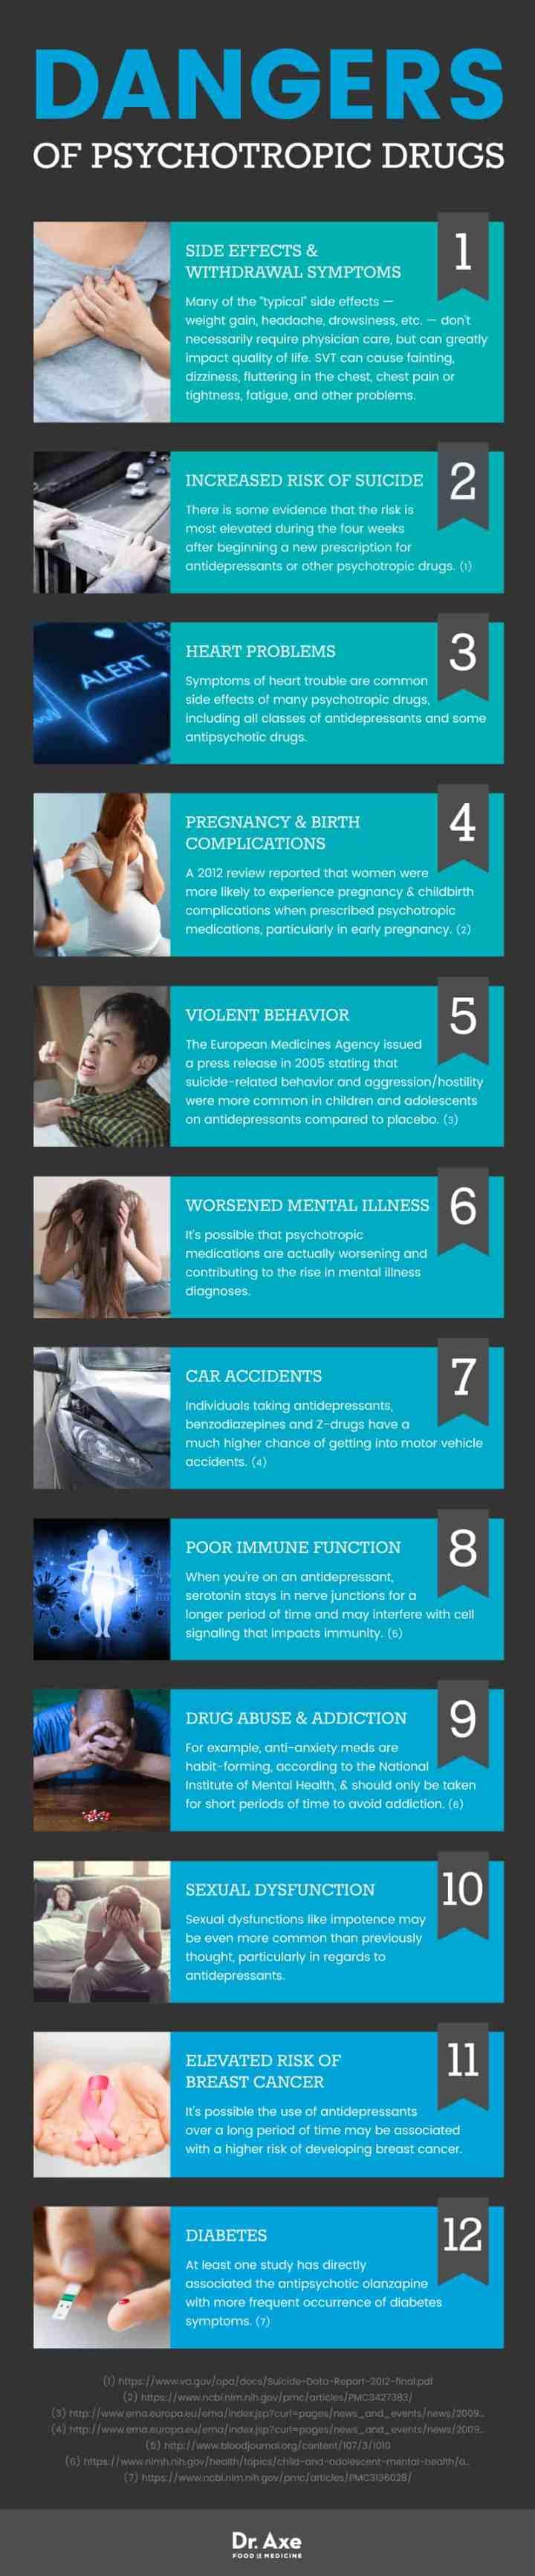 Dangers of psychoactive drugs - Dr. Axe